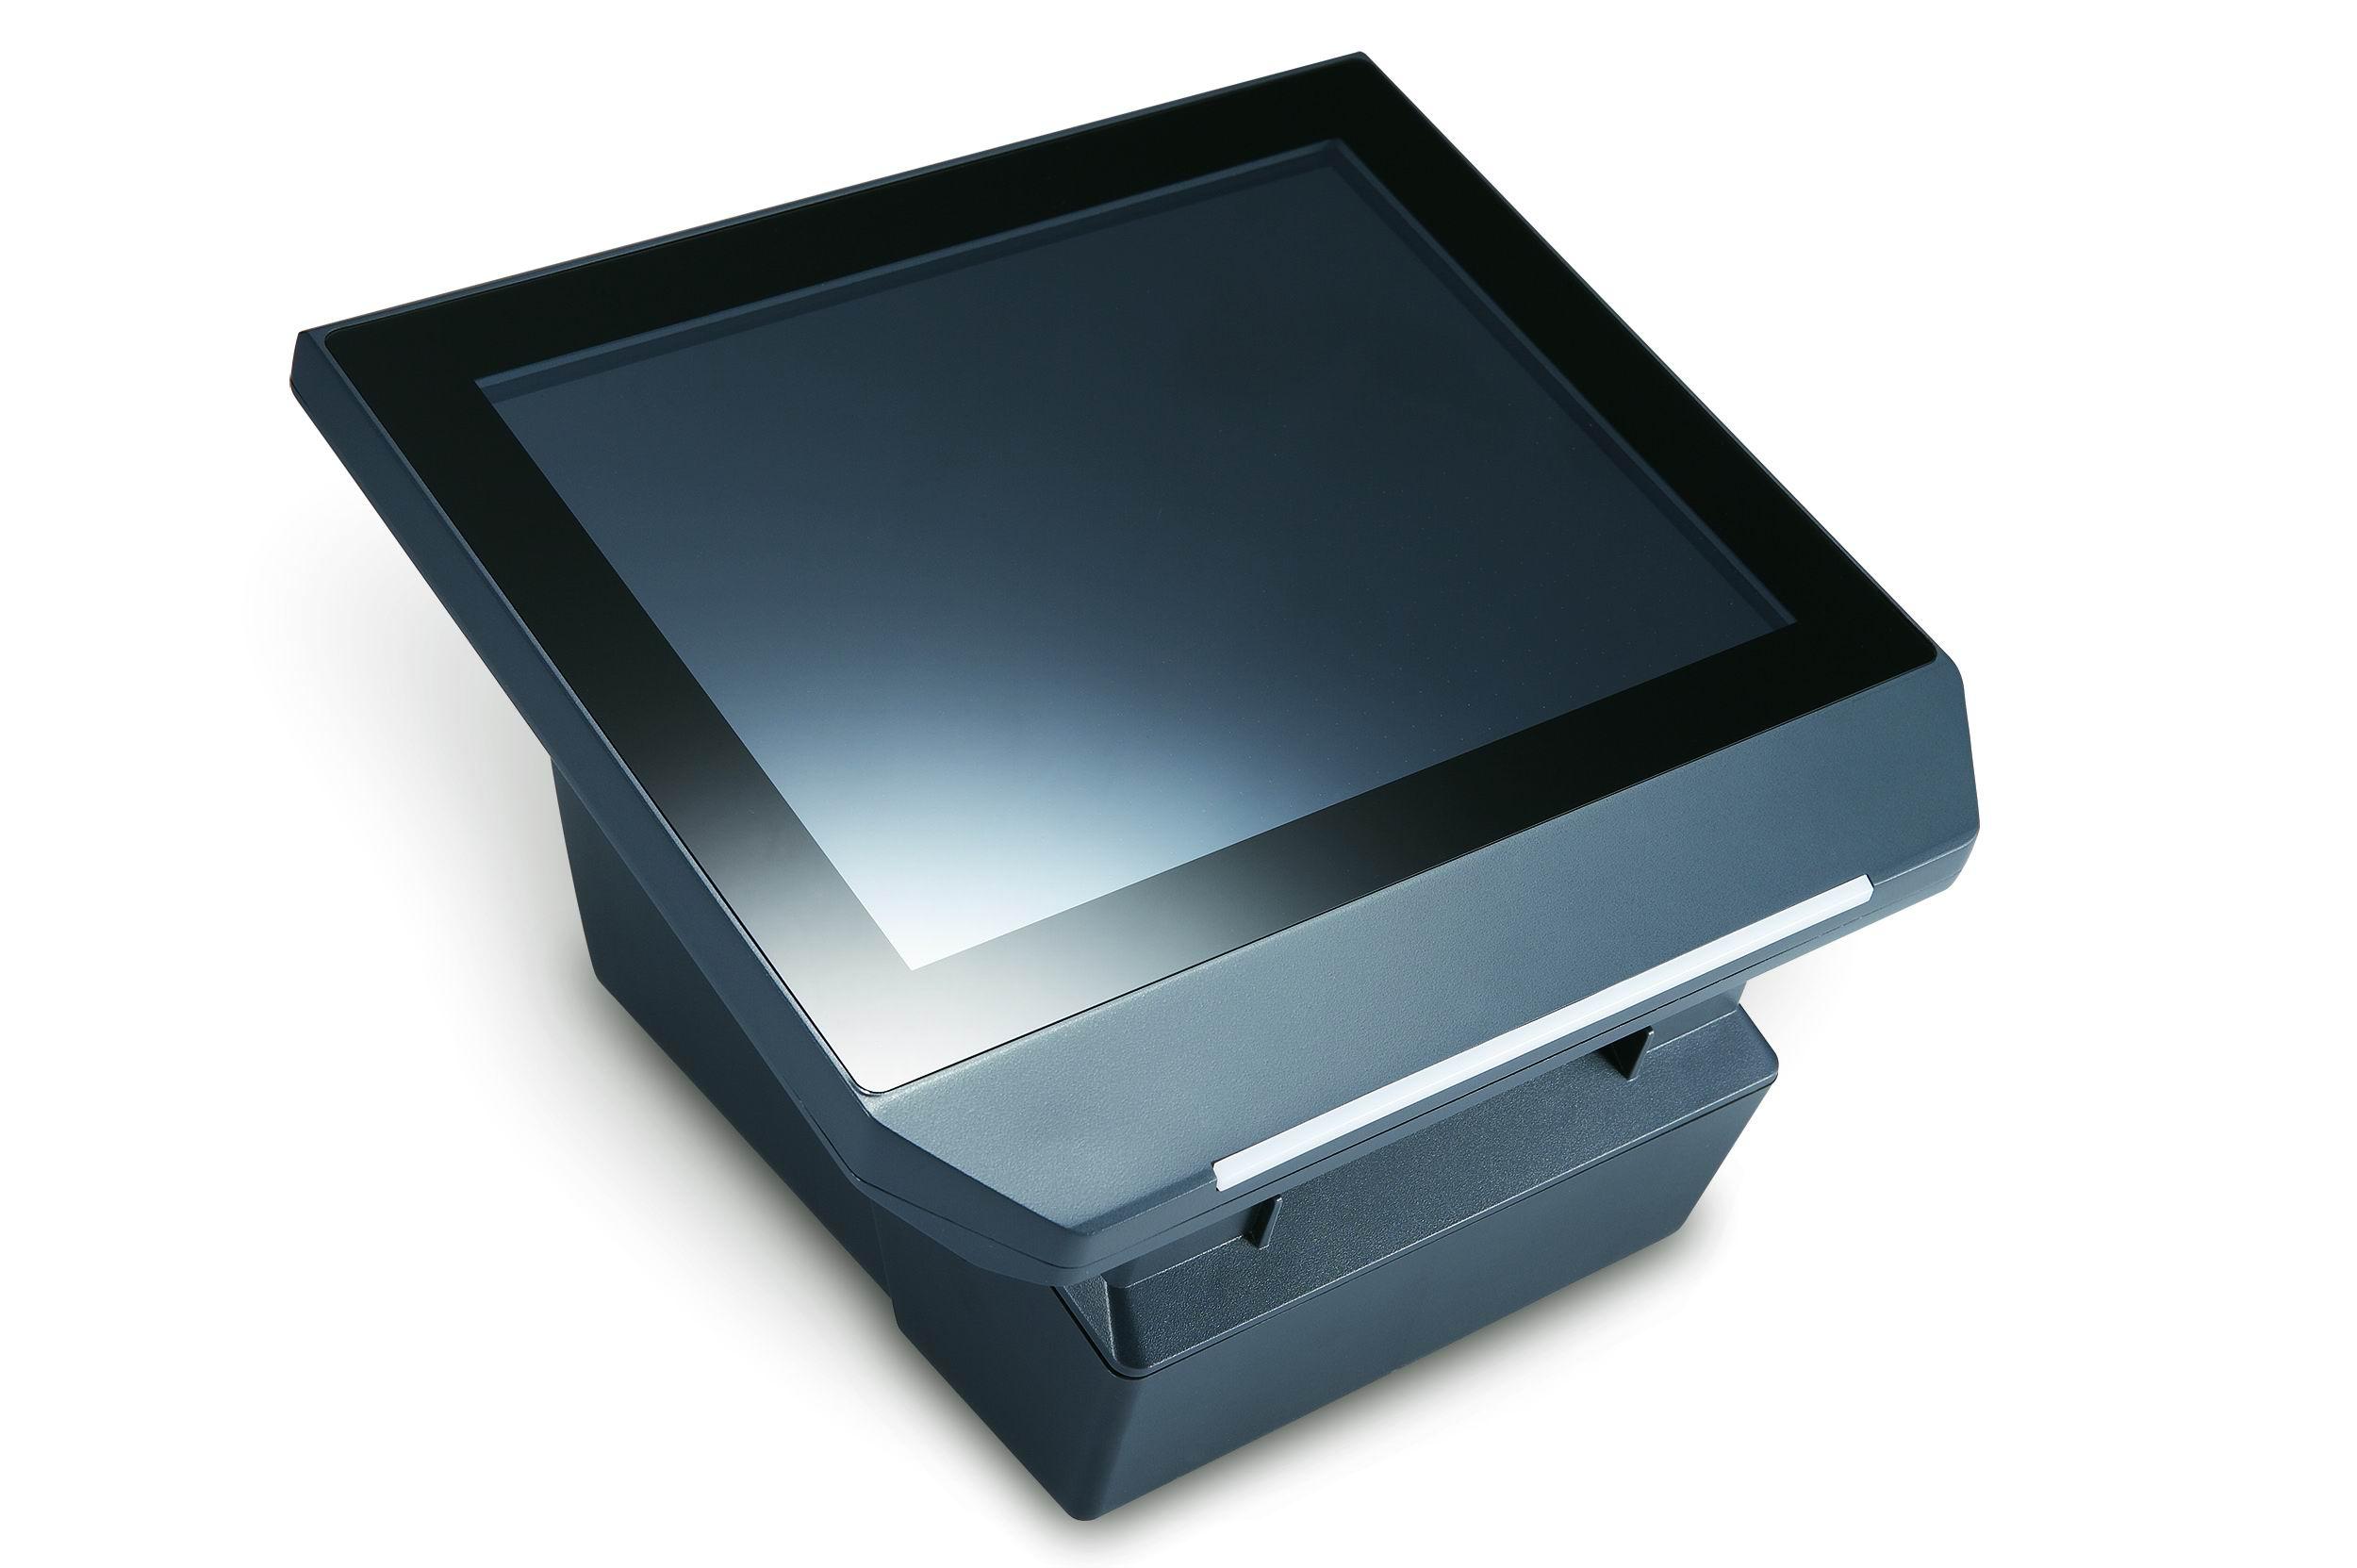 ergonomika-vzhled-citaq-h10